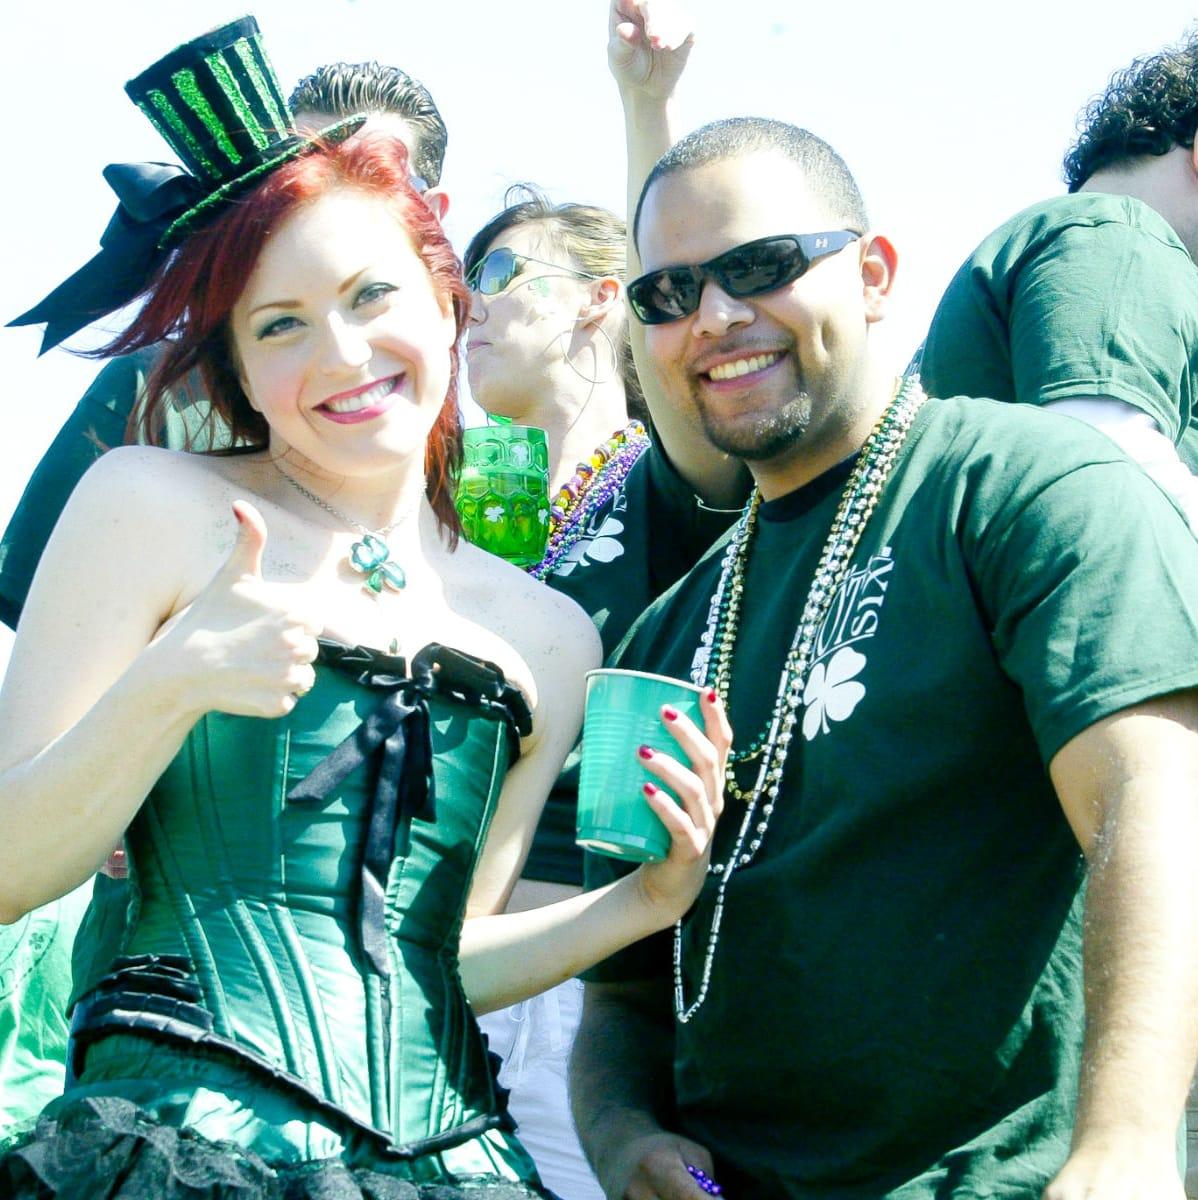 Greenville Avenue St. Patrick's Day Parade in Dallas